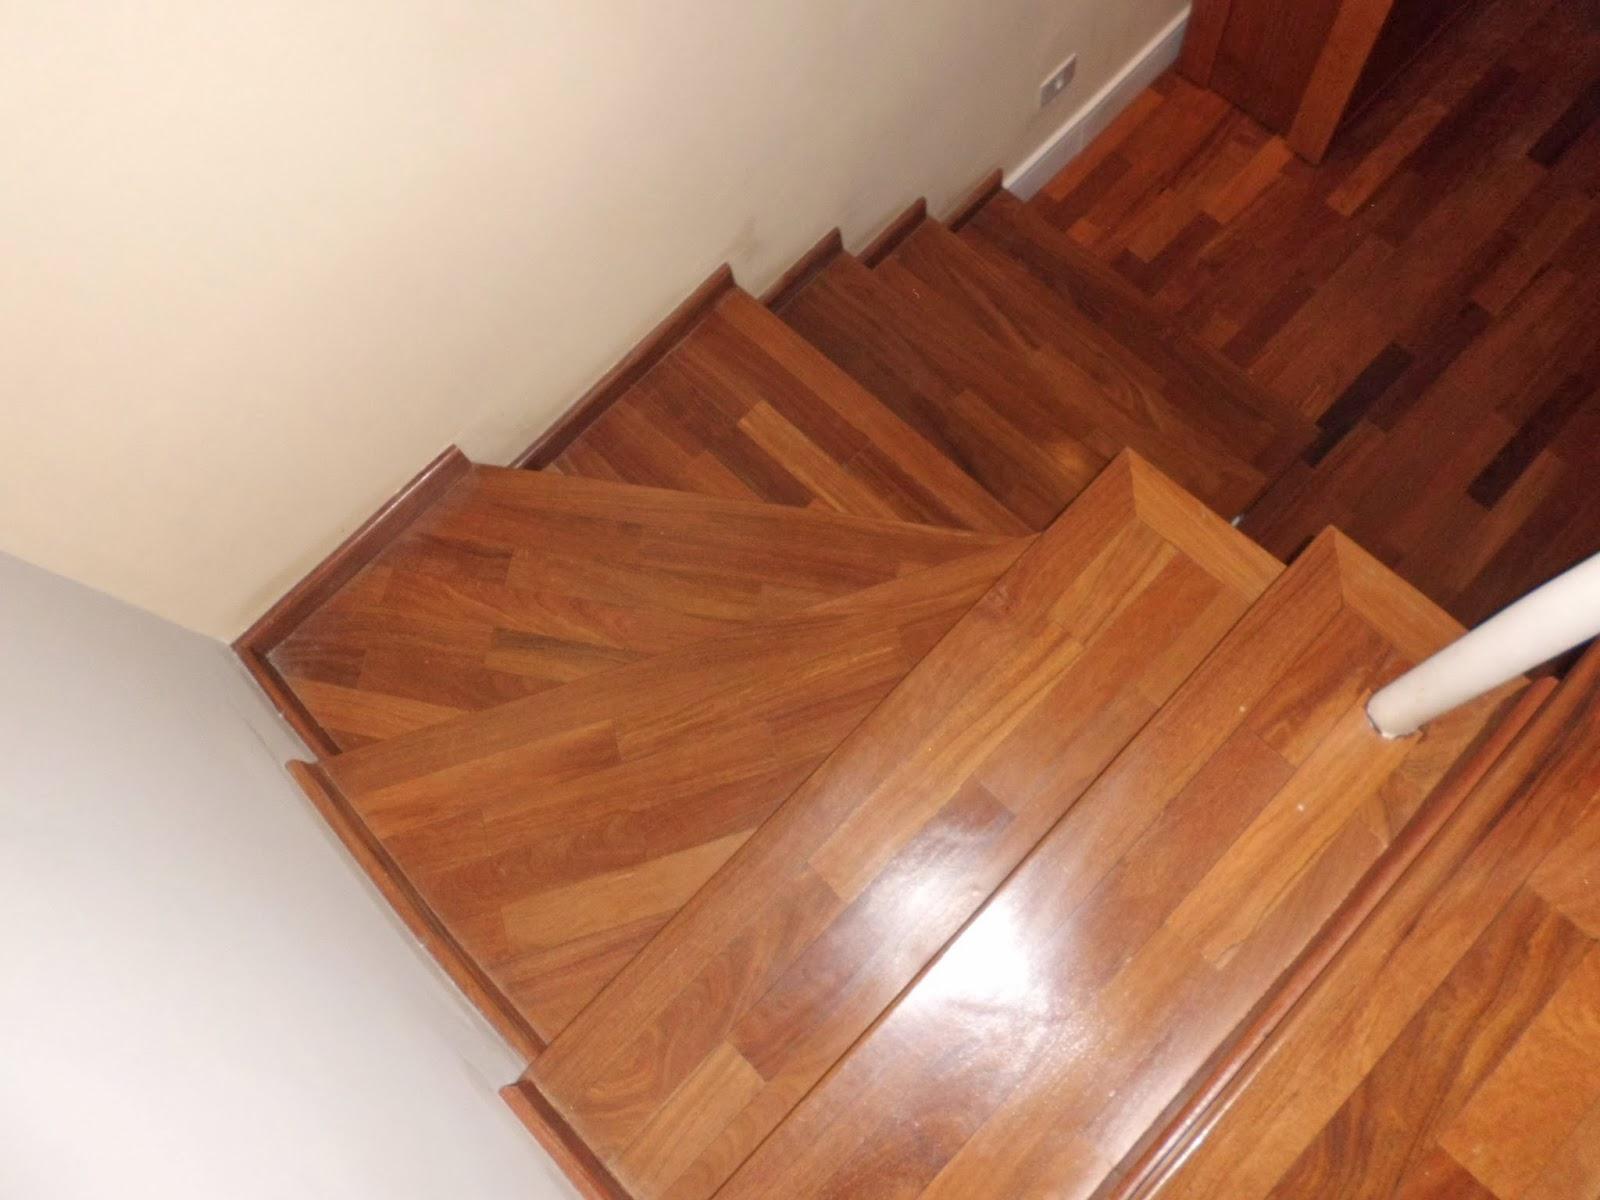 tacos de cumaru no revestimento de escadas em madeira